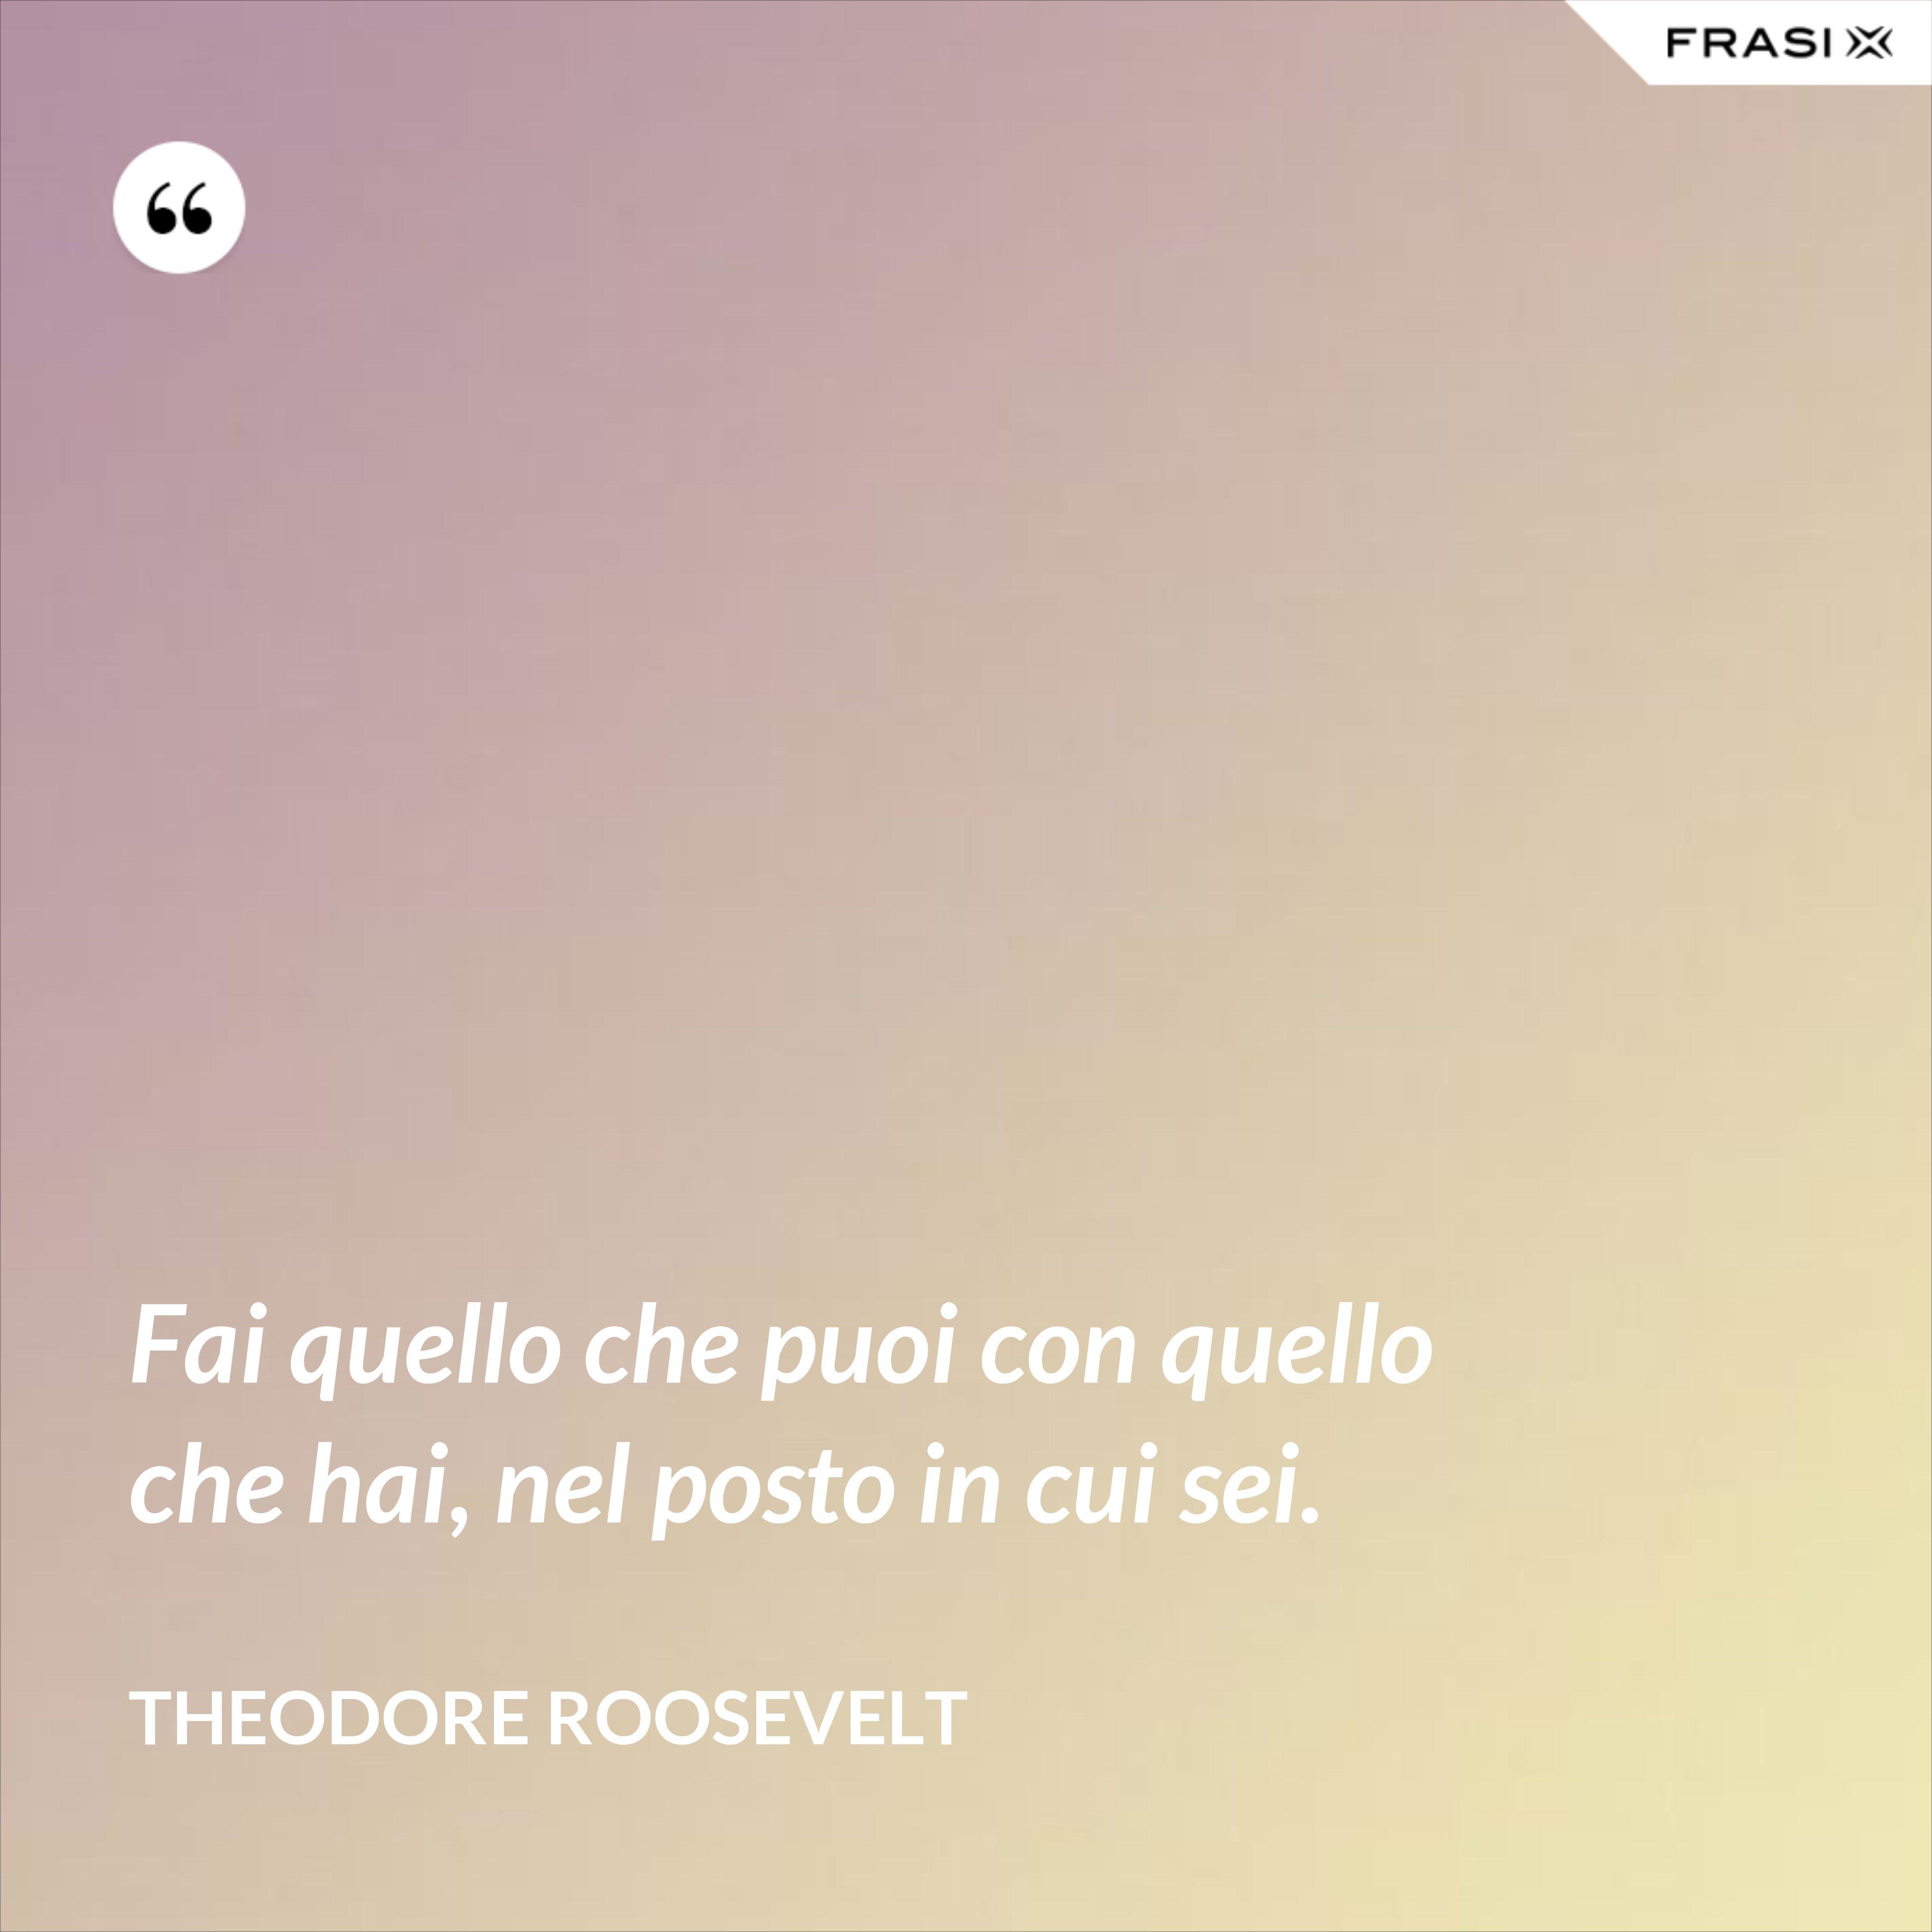 Fai quello che puoi con quello che hai, nel posto in cui sei. - Theodore Roosevelt